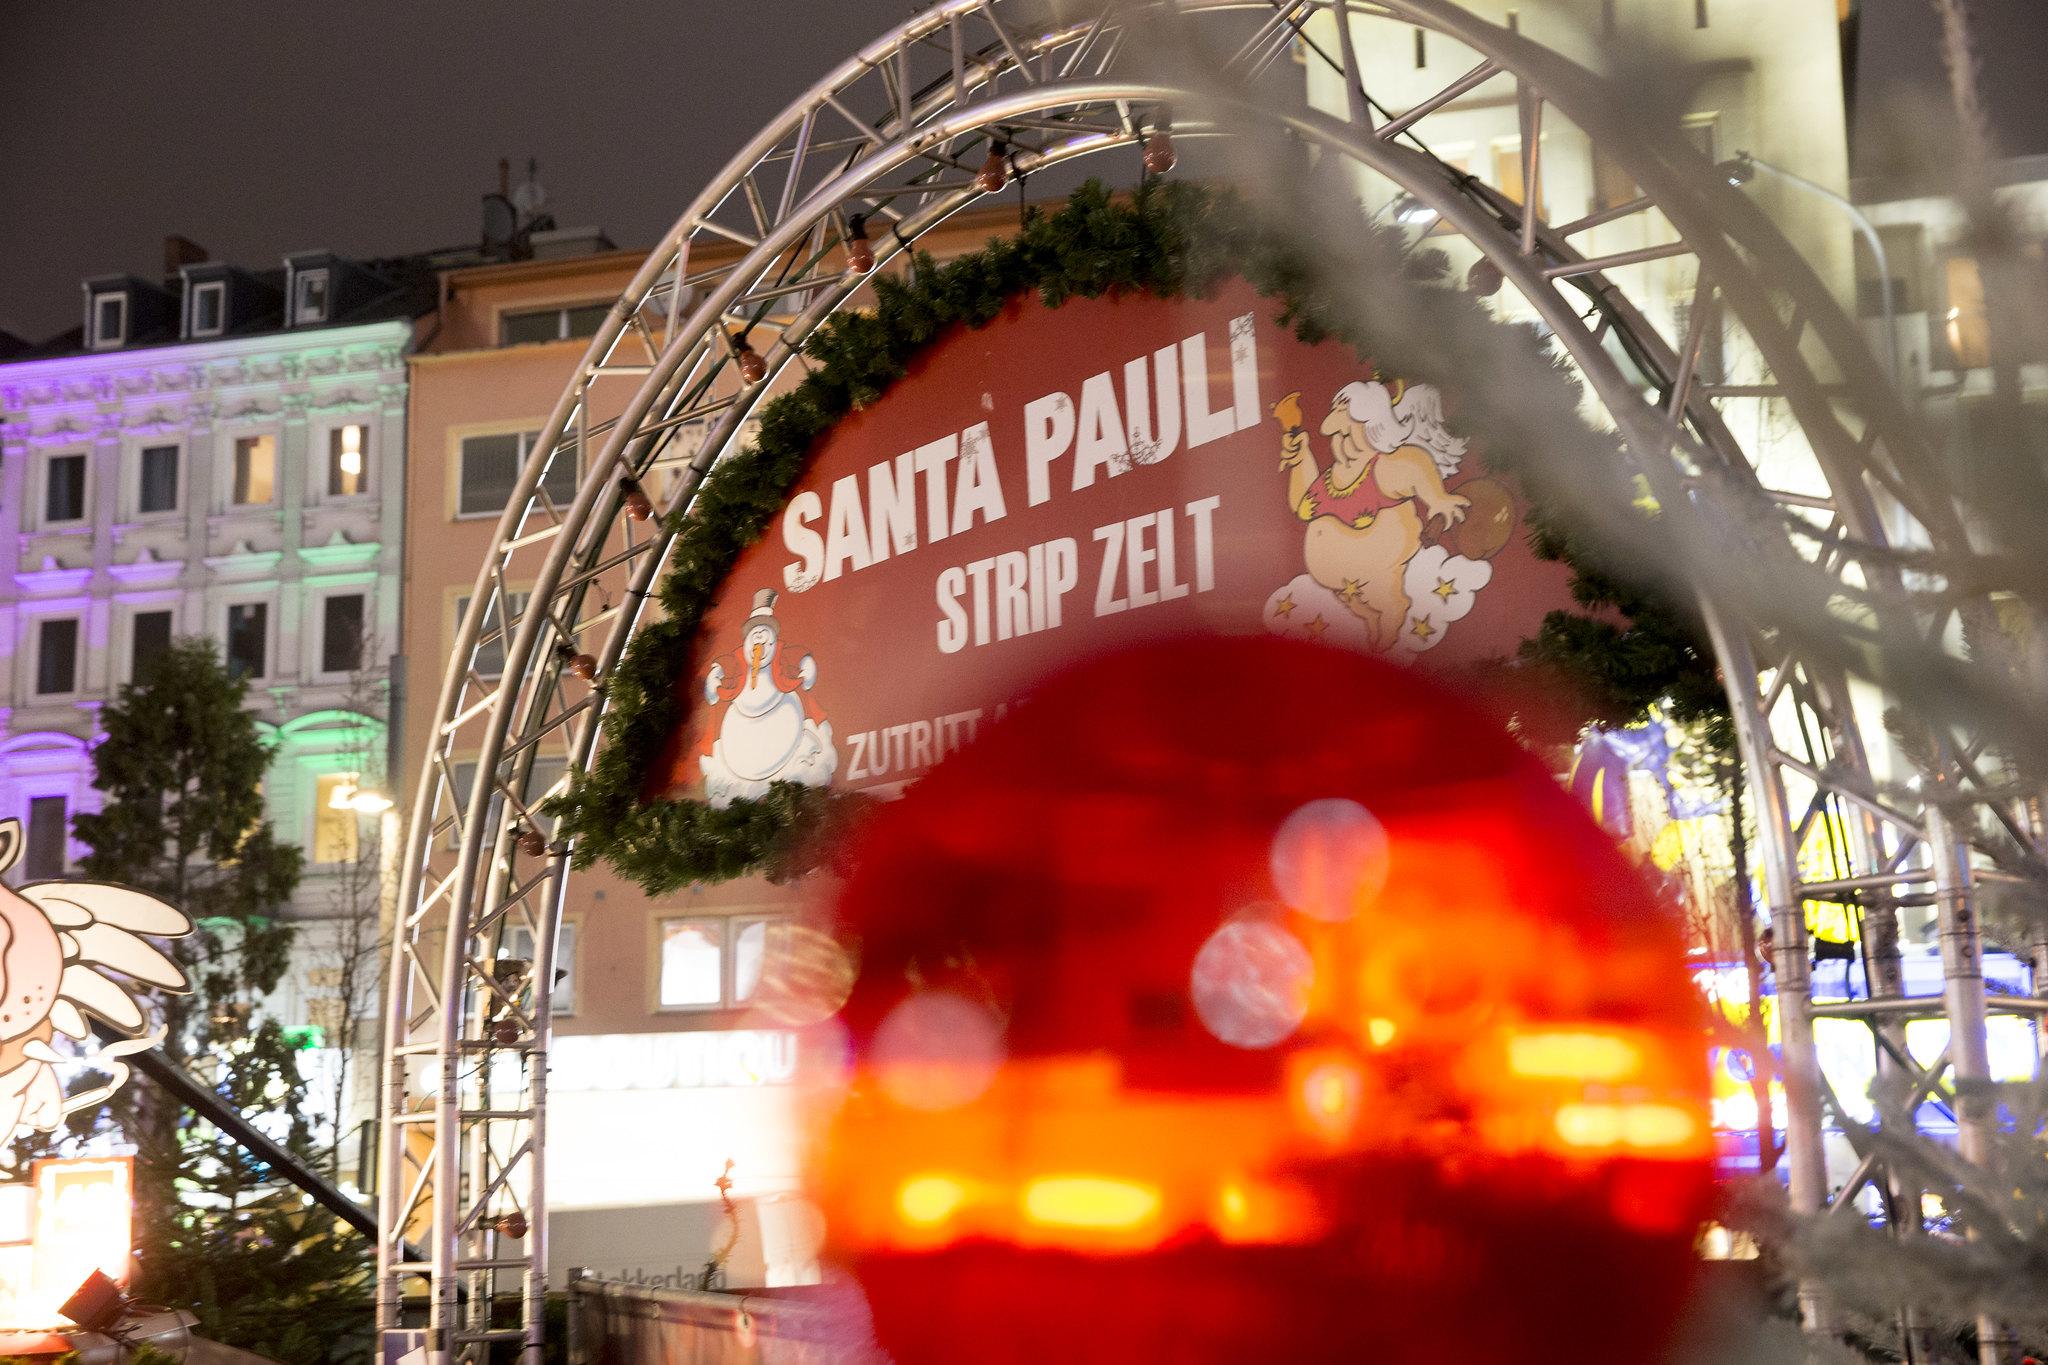 Santa Pauli 2014